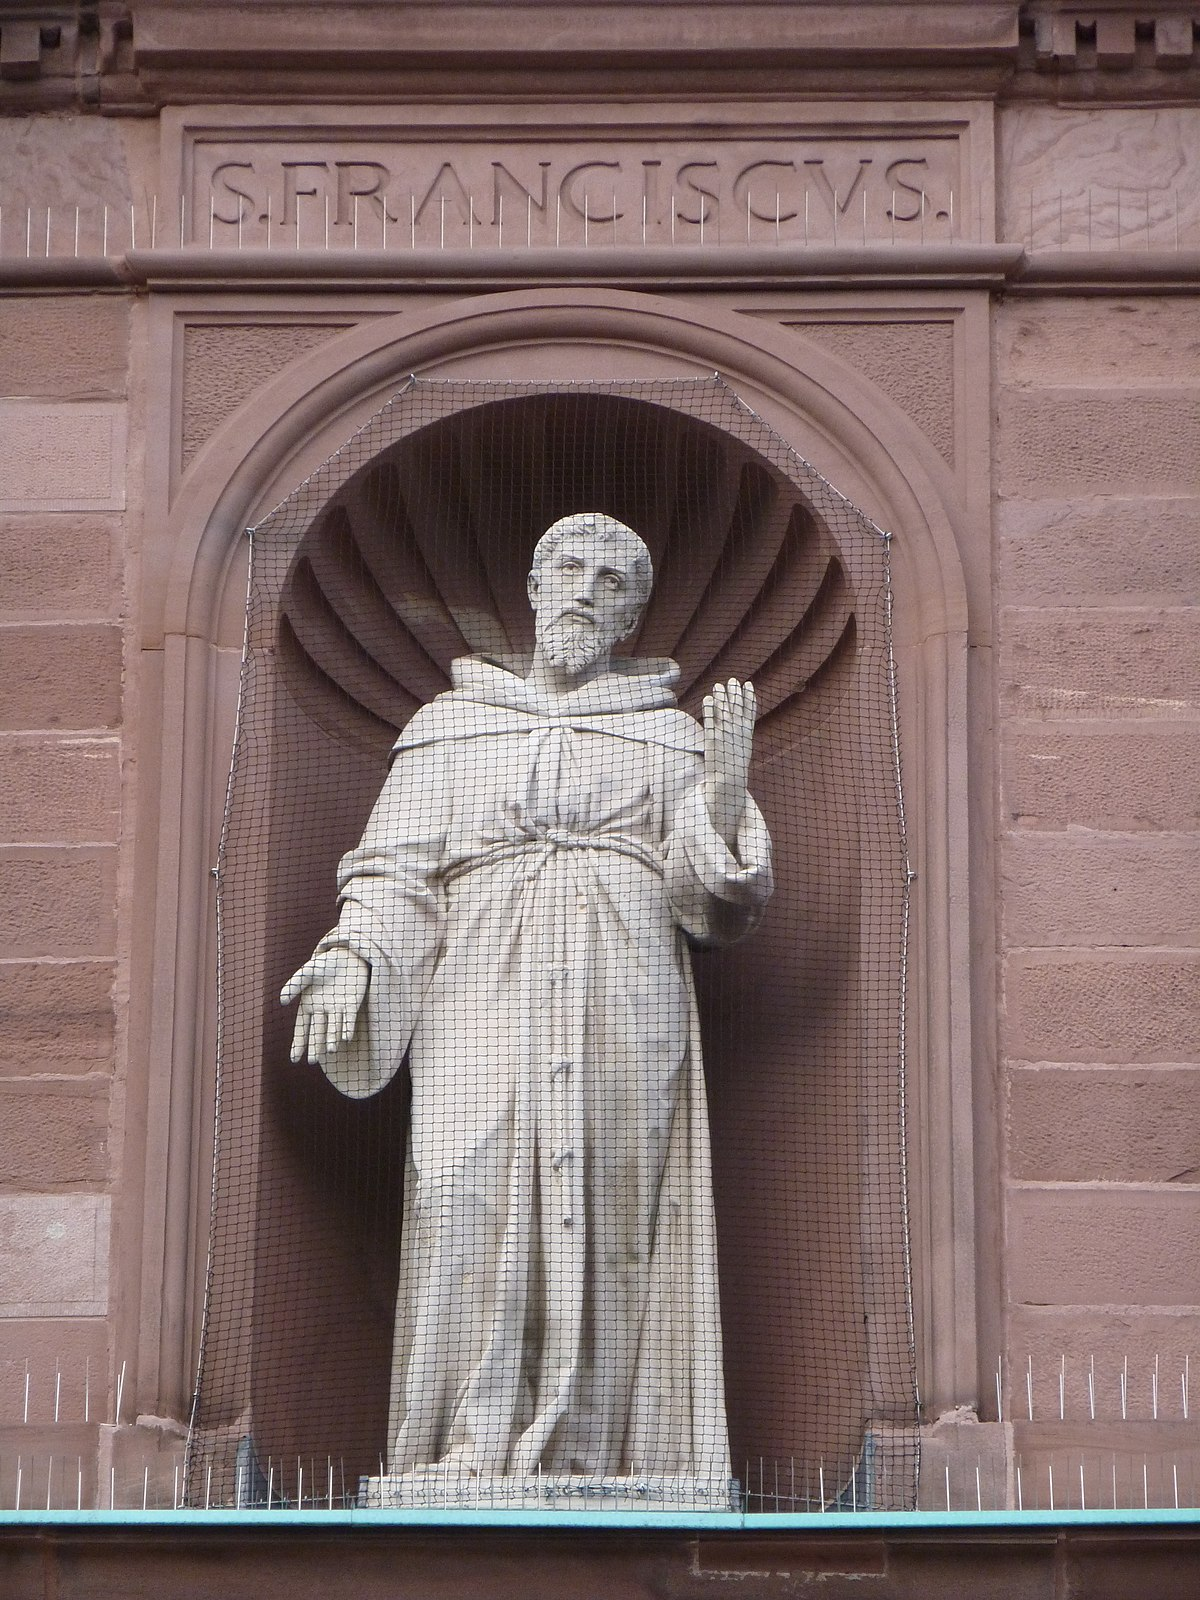 St Franziskus Pforzheim